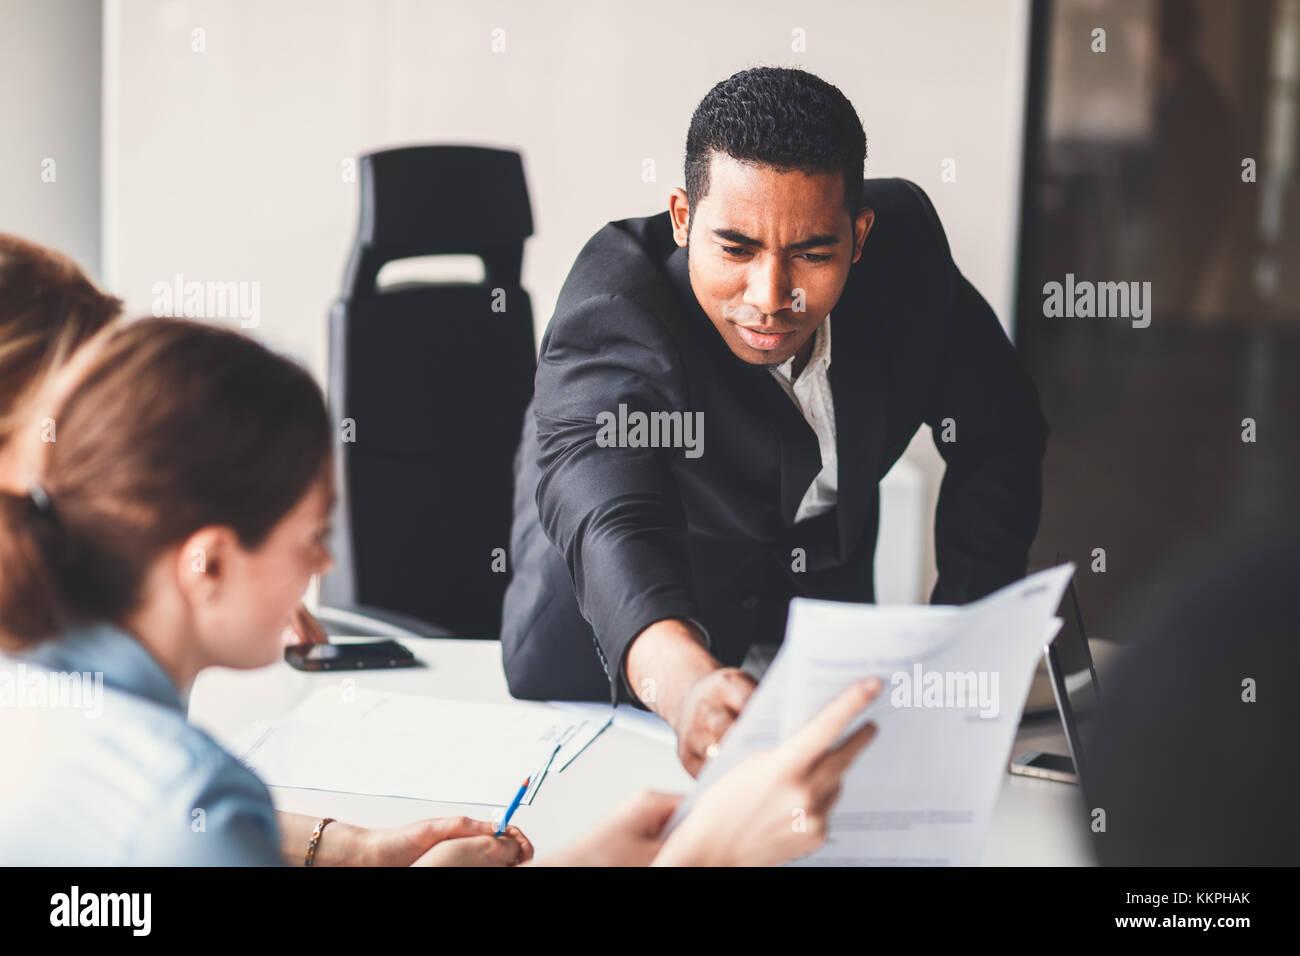 Junge afrikanische amerikanische Geschäftsmann der Leitung eines Teams Stockbild